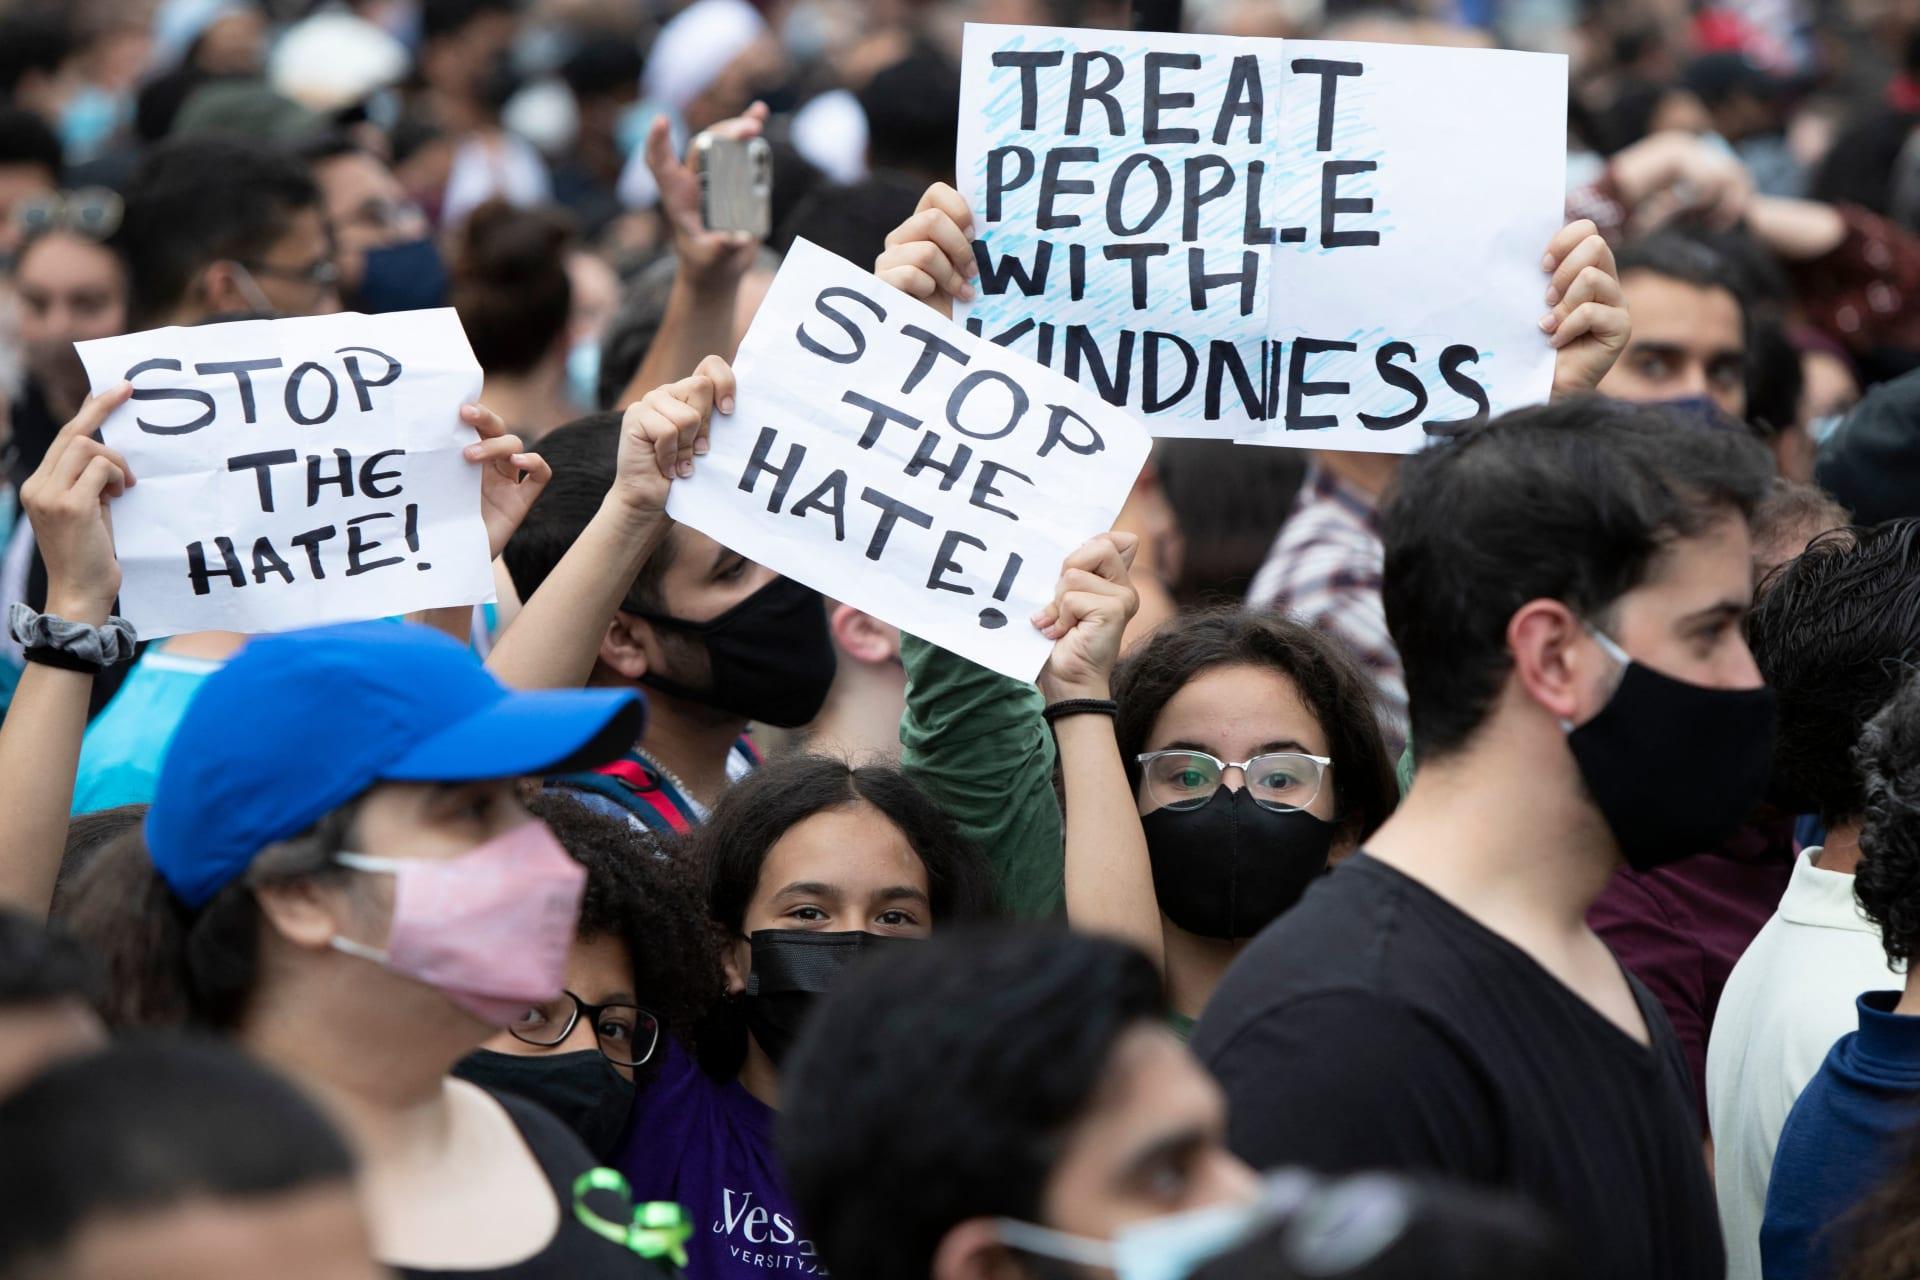 ترودو يشارك في وقفة احتجاجية بعد مقتل أسرة مسلمة دهسًا